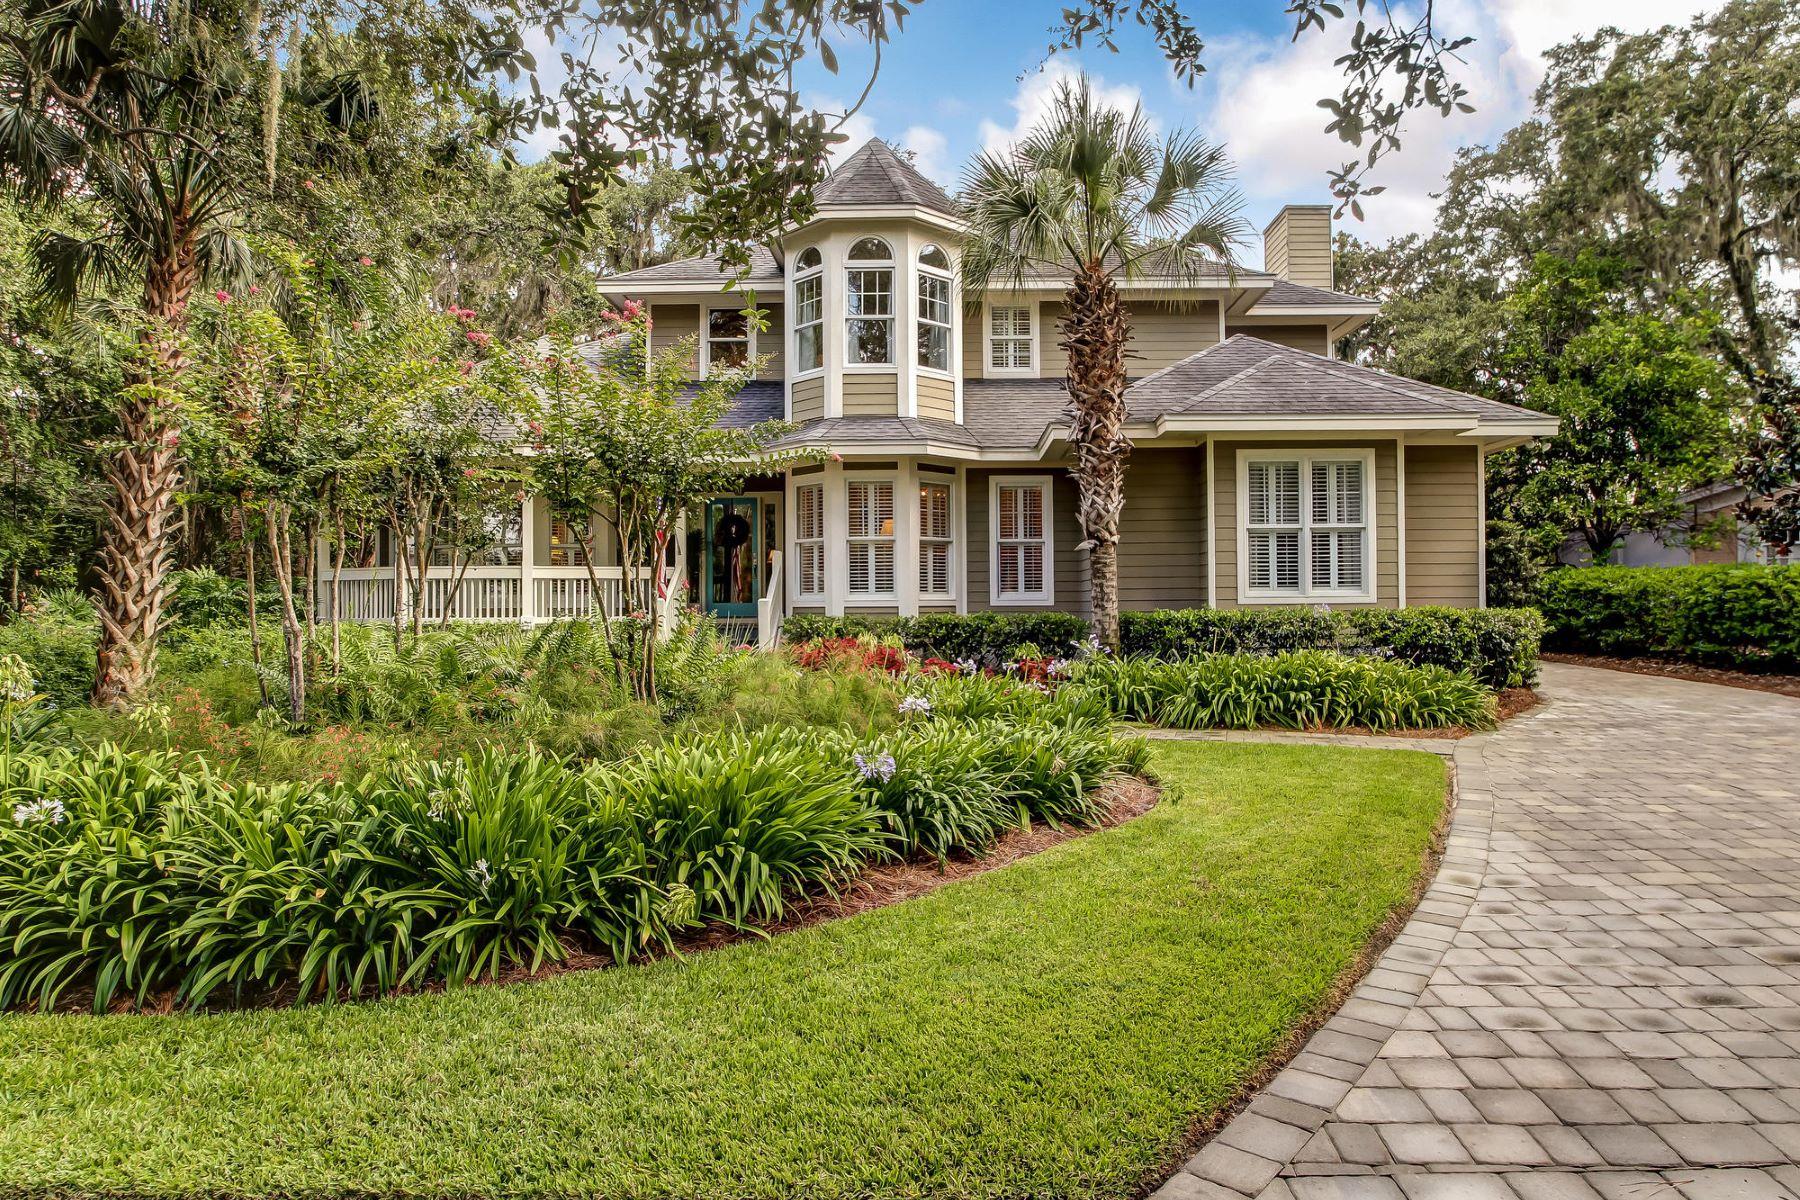 Einfamilienhaus für Verkauf beim Victorian-Inspired Beauty Steps from the Ocean 2606 Blackbeard Place Amelia Island, Florida, 32034 Vereinigte Staaten